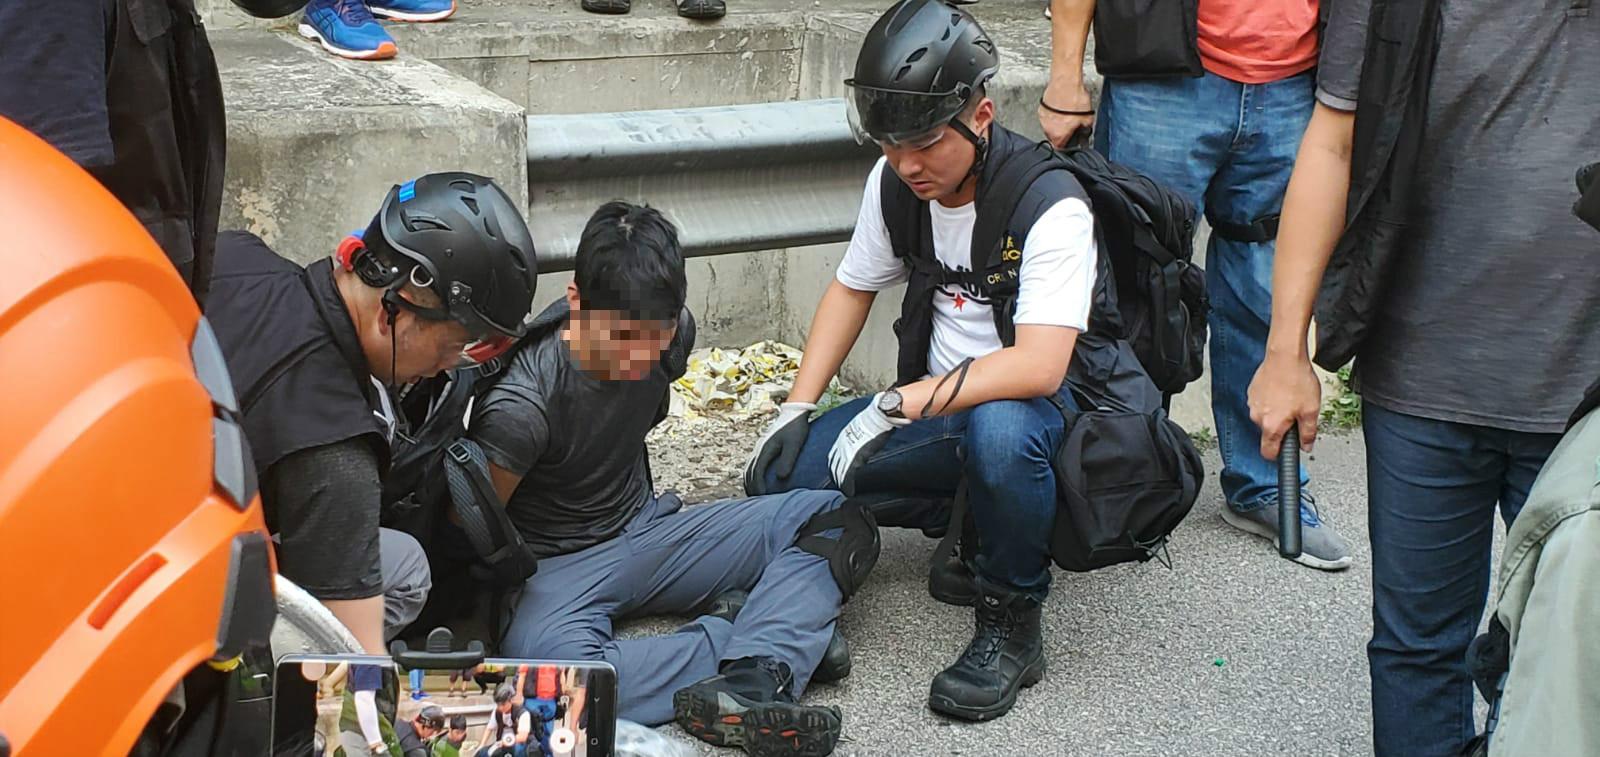 屯門防暴警察制服多人。